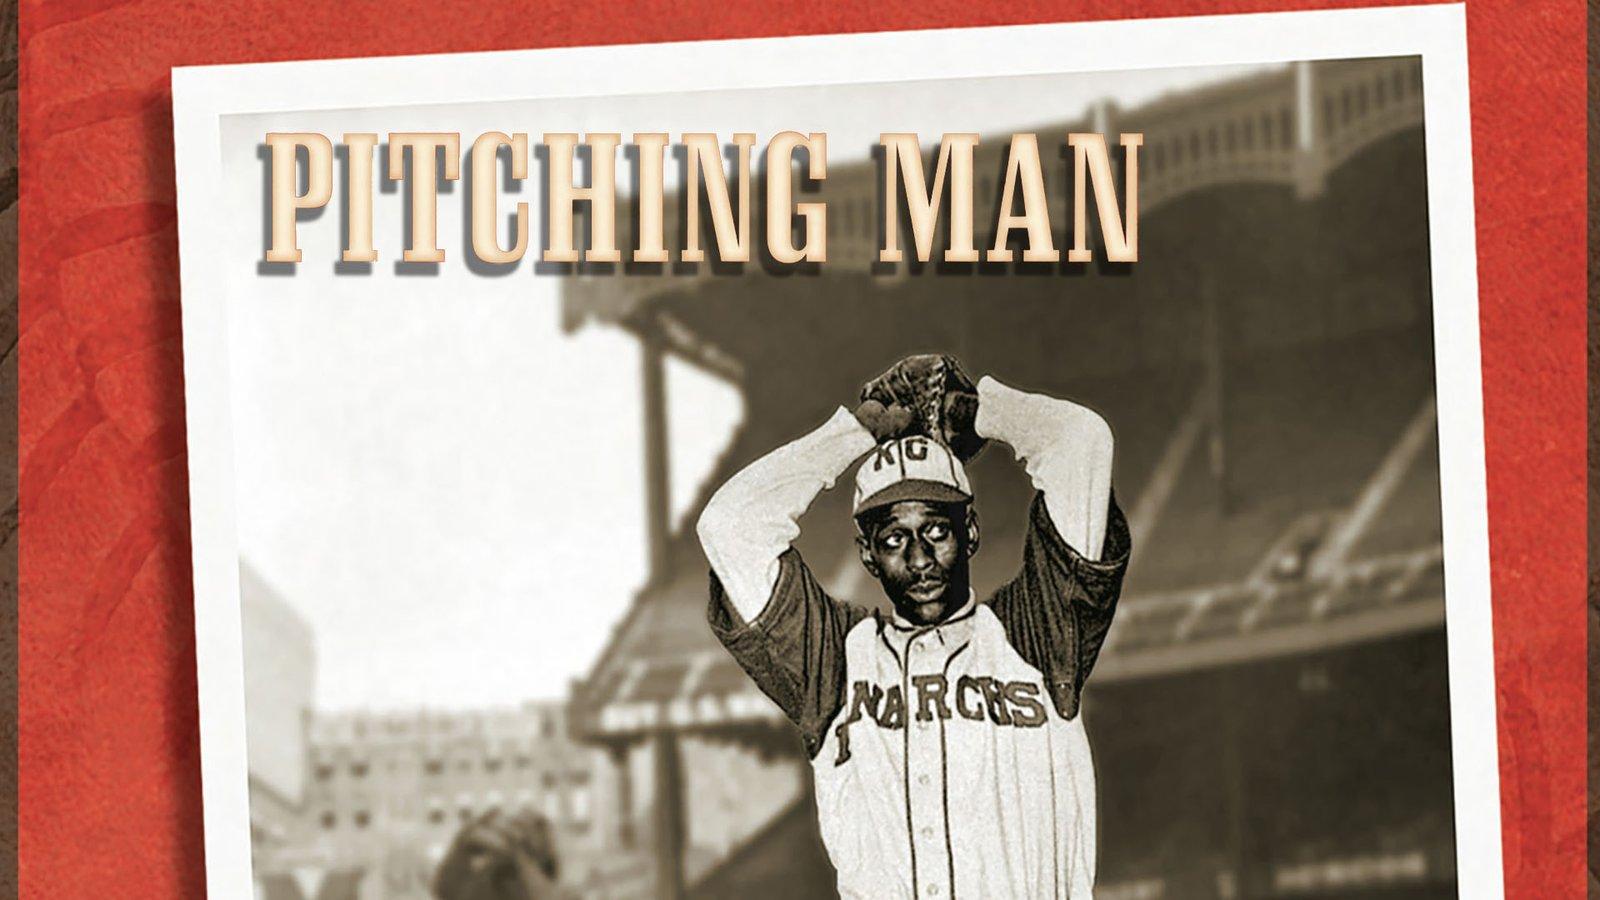 Pitching Man